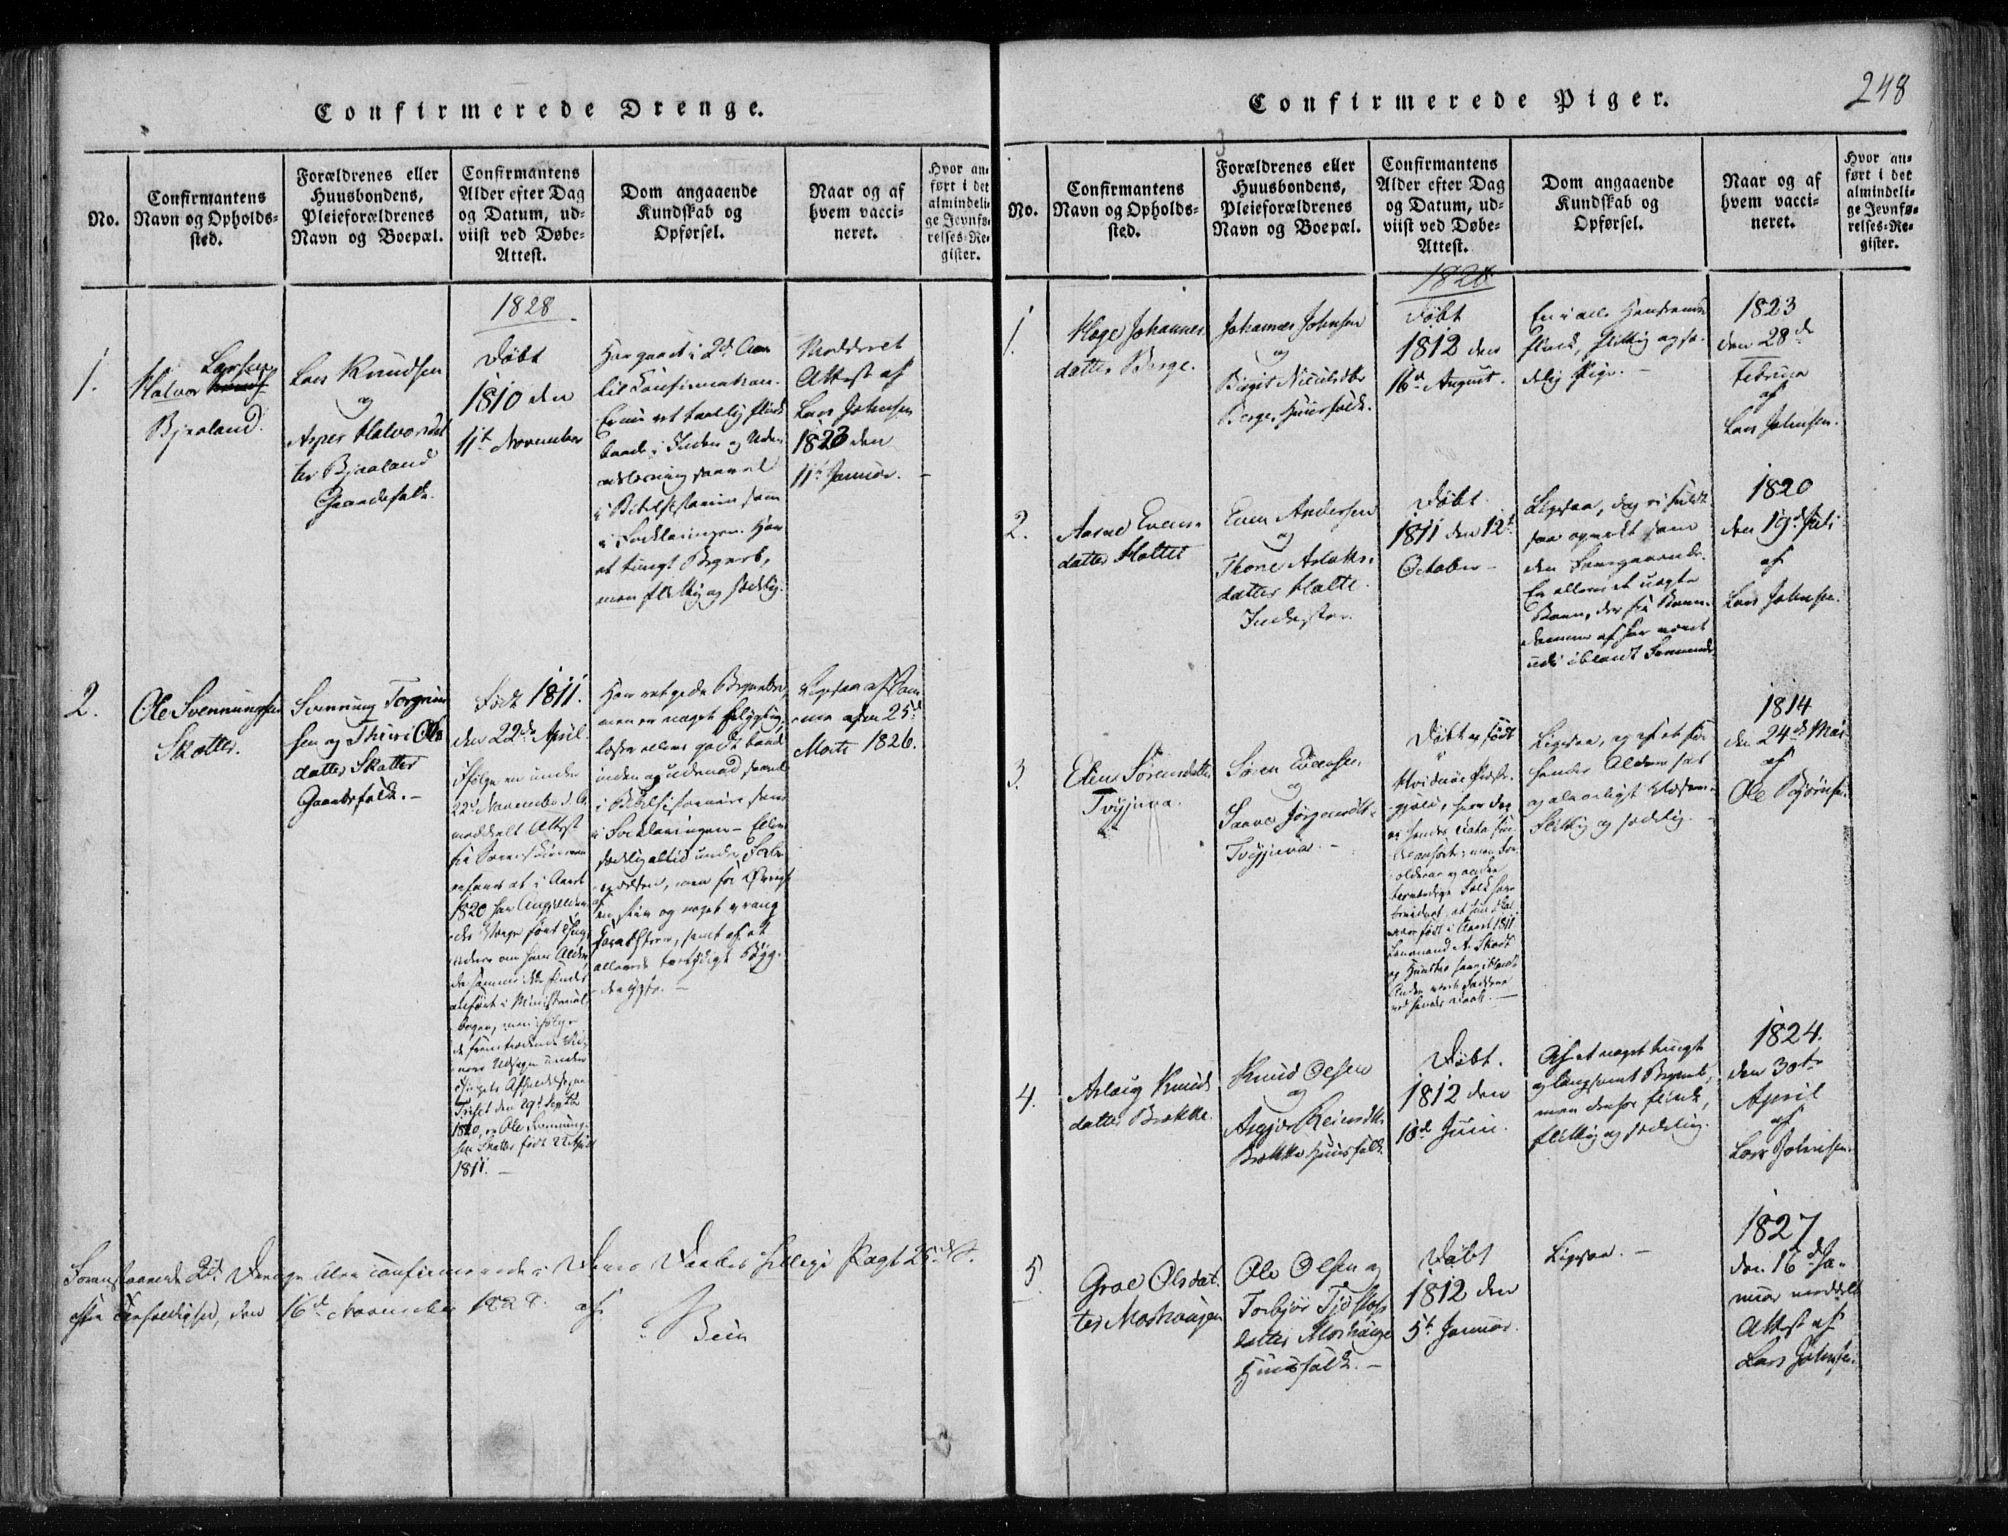 SAKO, Lårdal kirkebøker, F/Fa/L0005: Ministerialbok nr. I 5, 1815-1860, s. 248